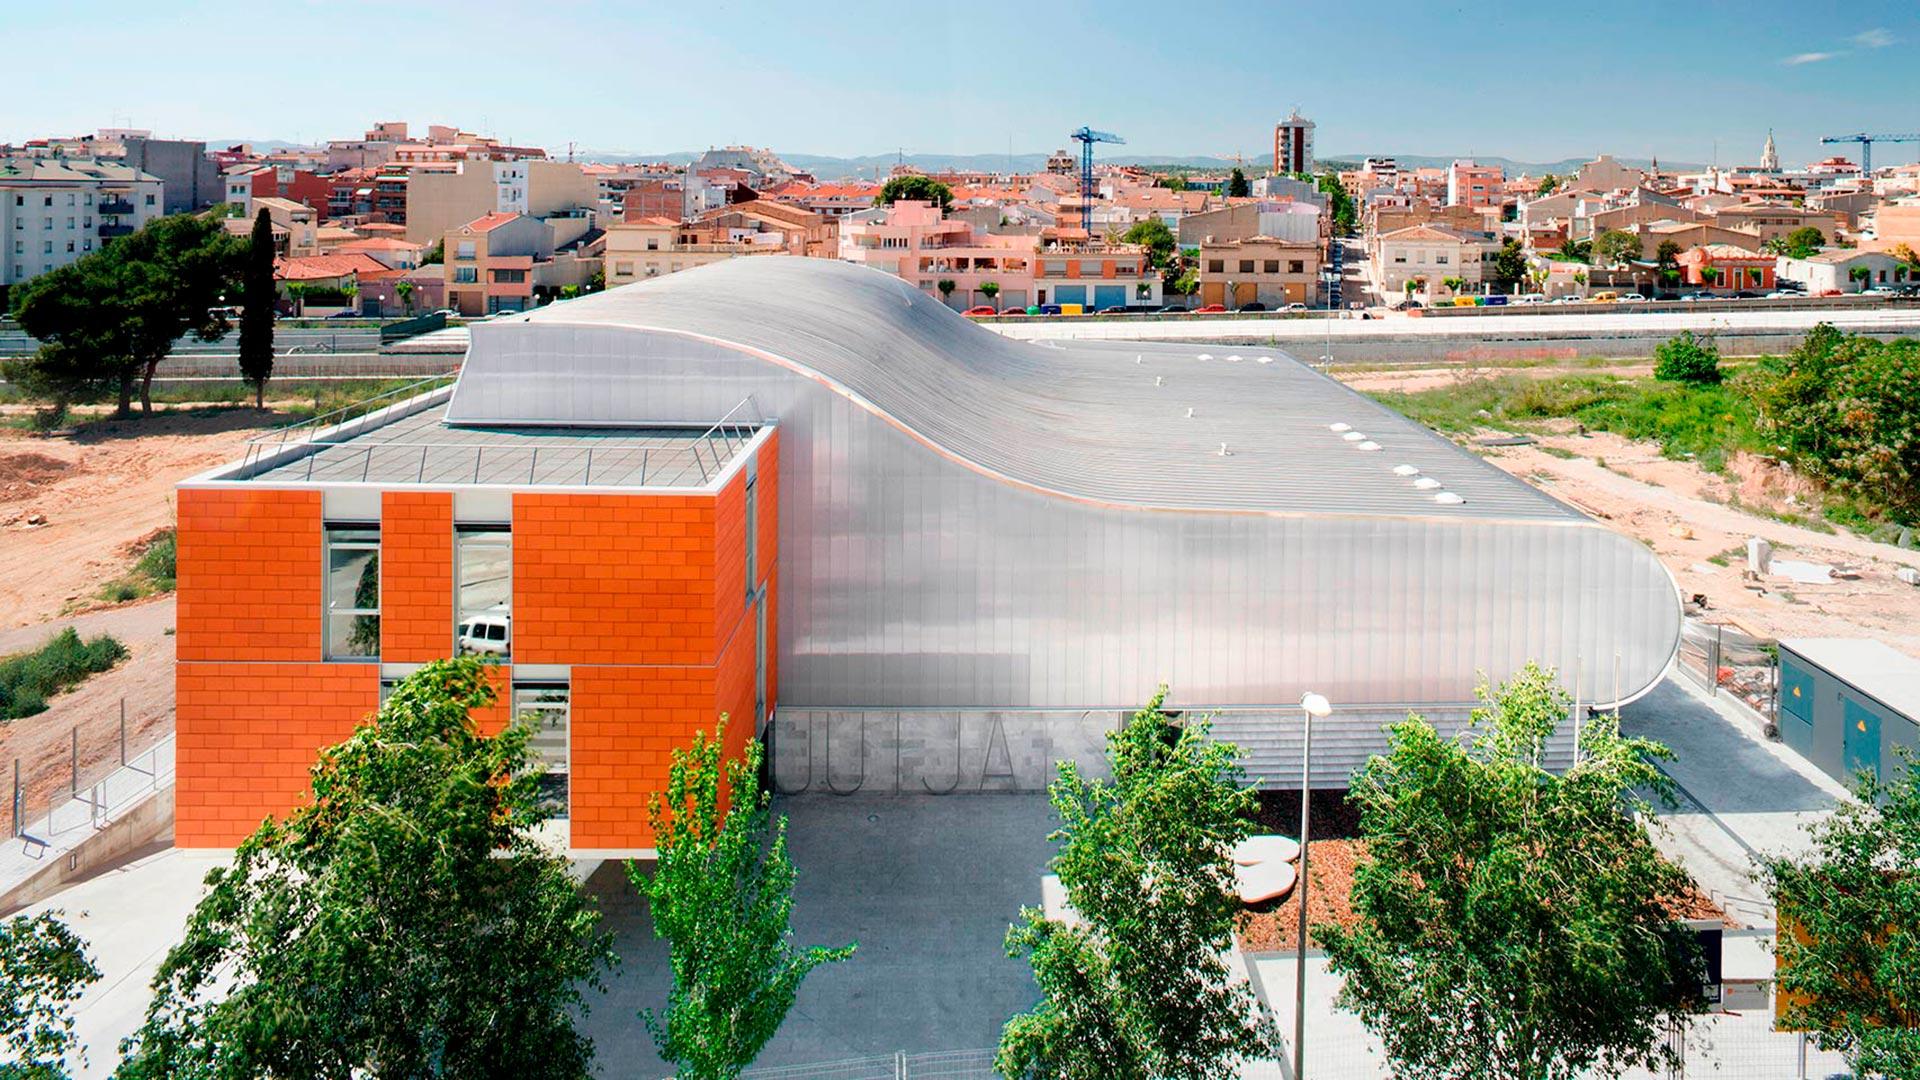 Edificio Judicial en Vilafranca del Penedès, Barcelona